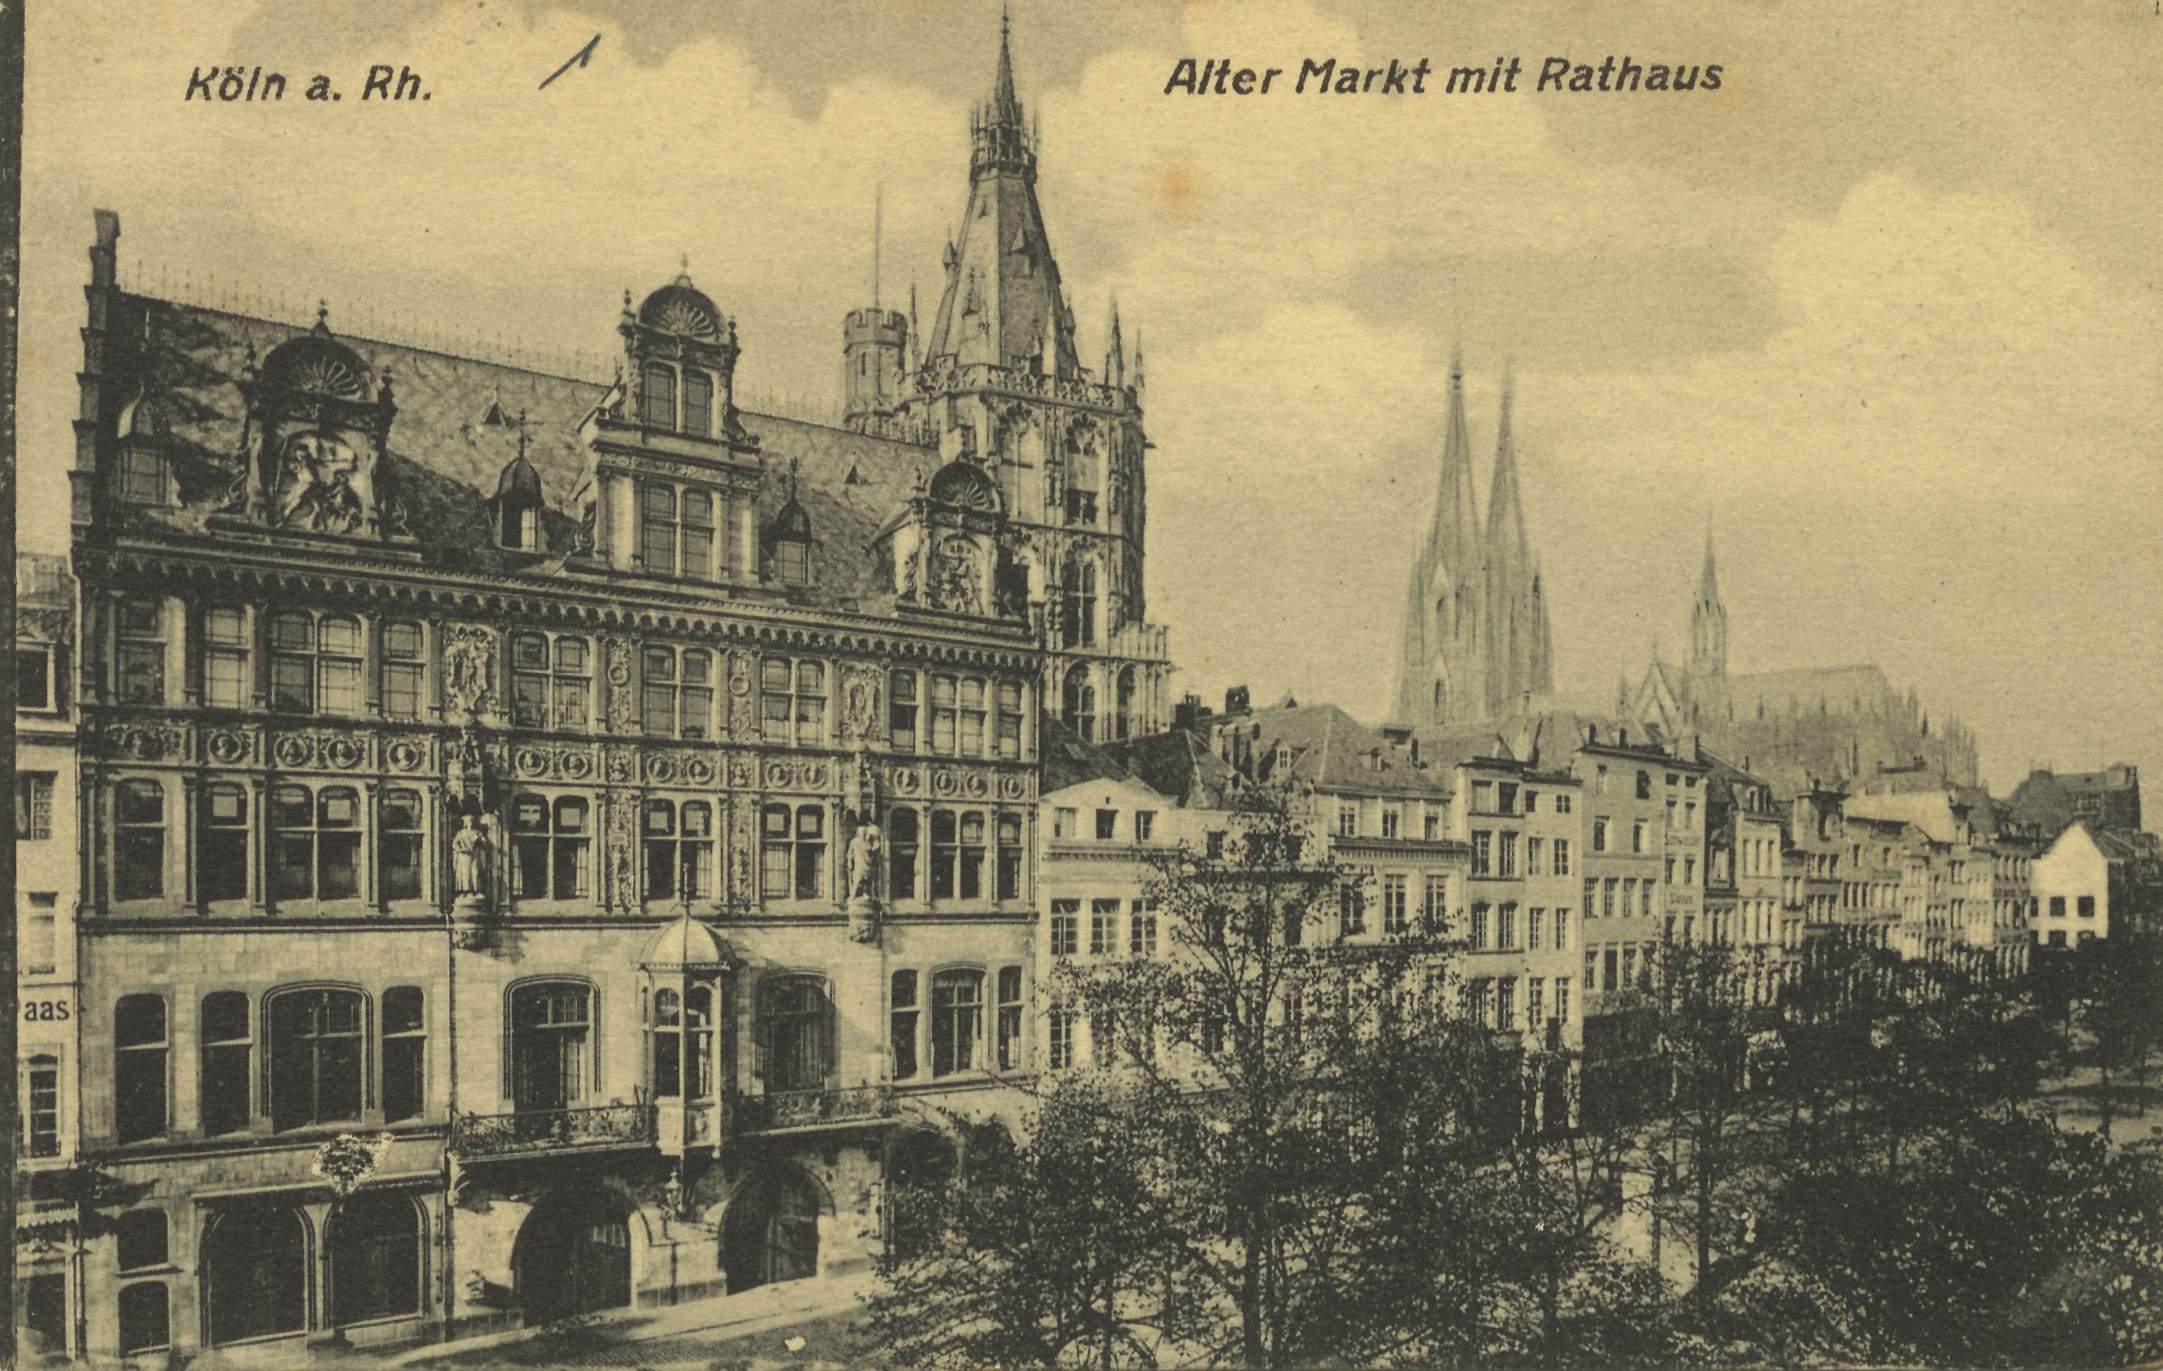 Köln a. Rh., Alter Markt mit Rathaus.jpg